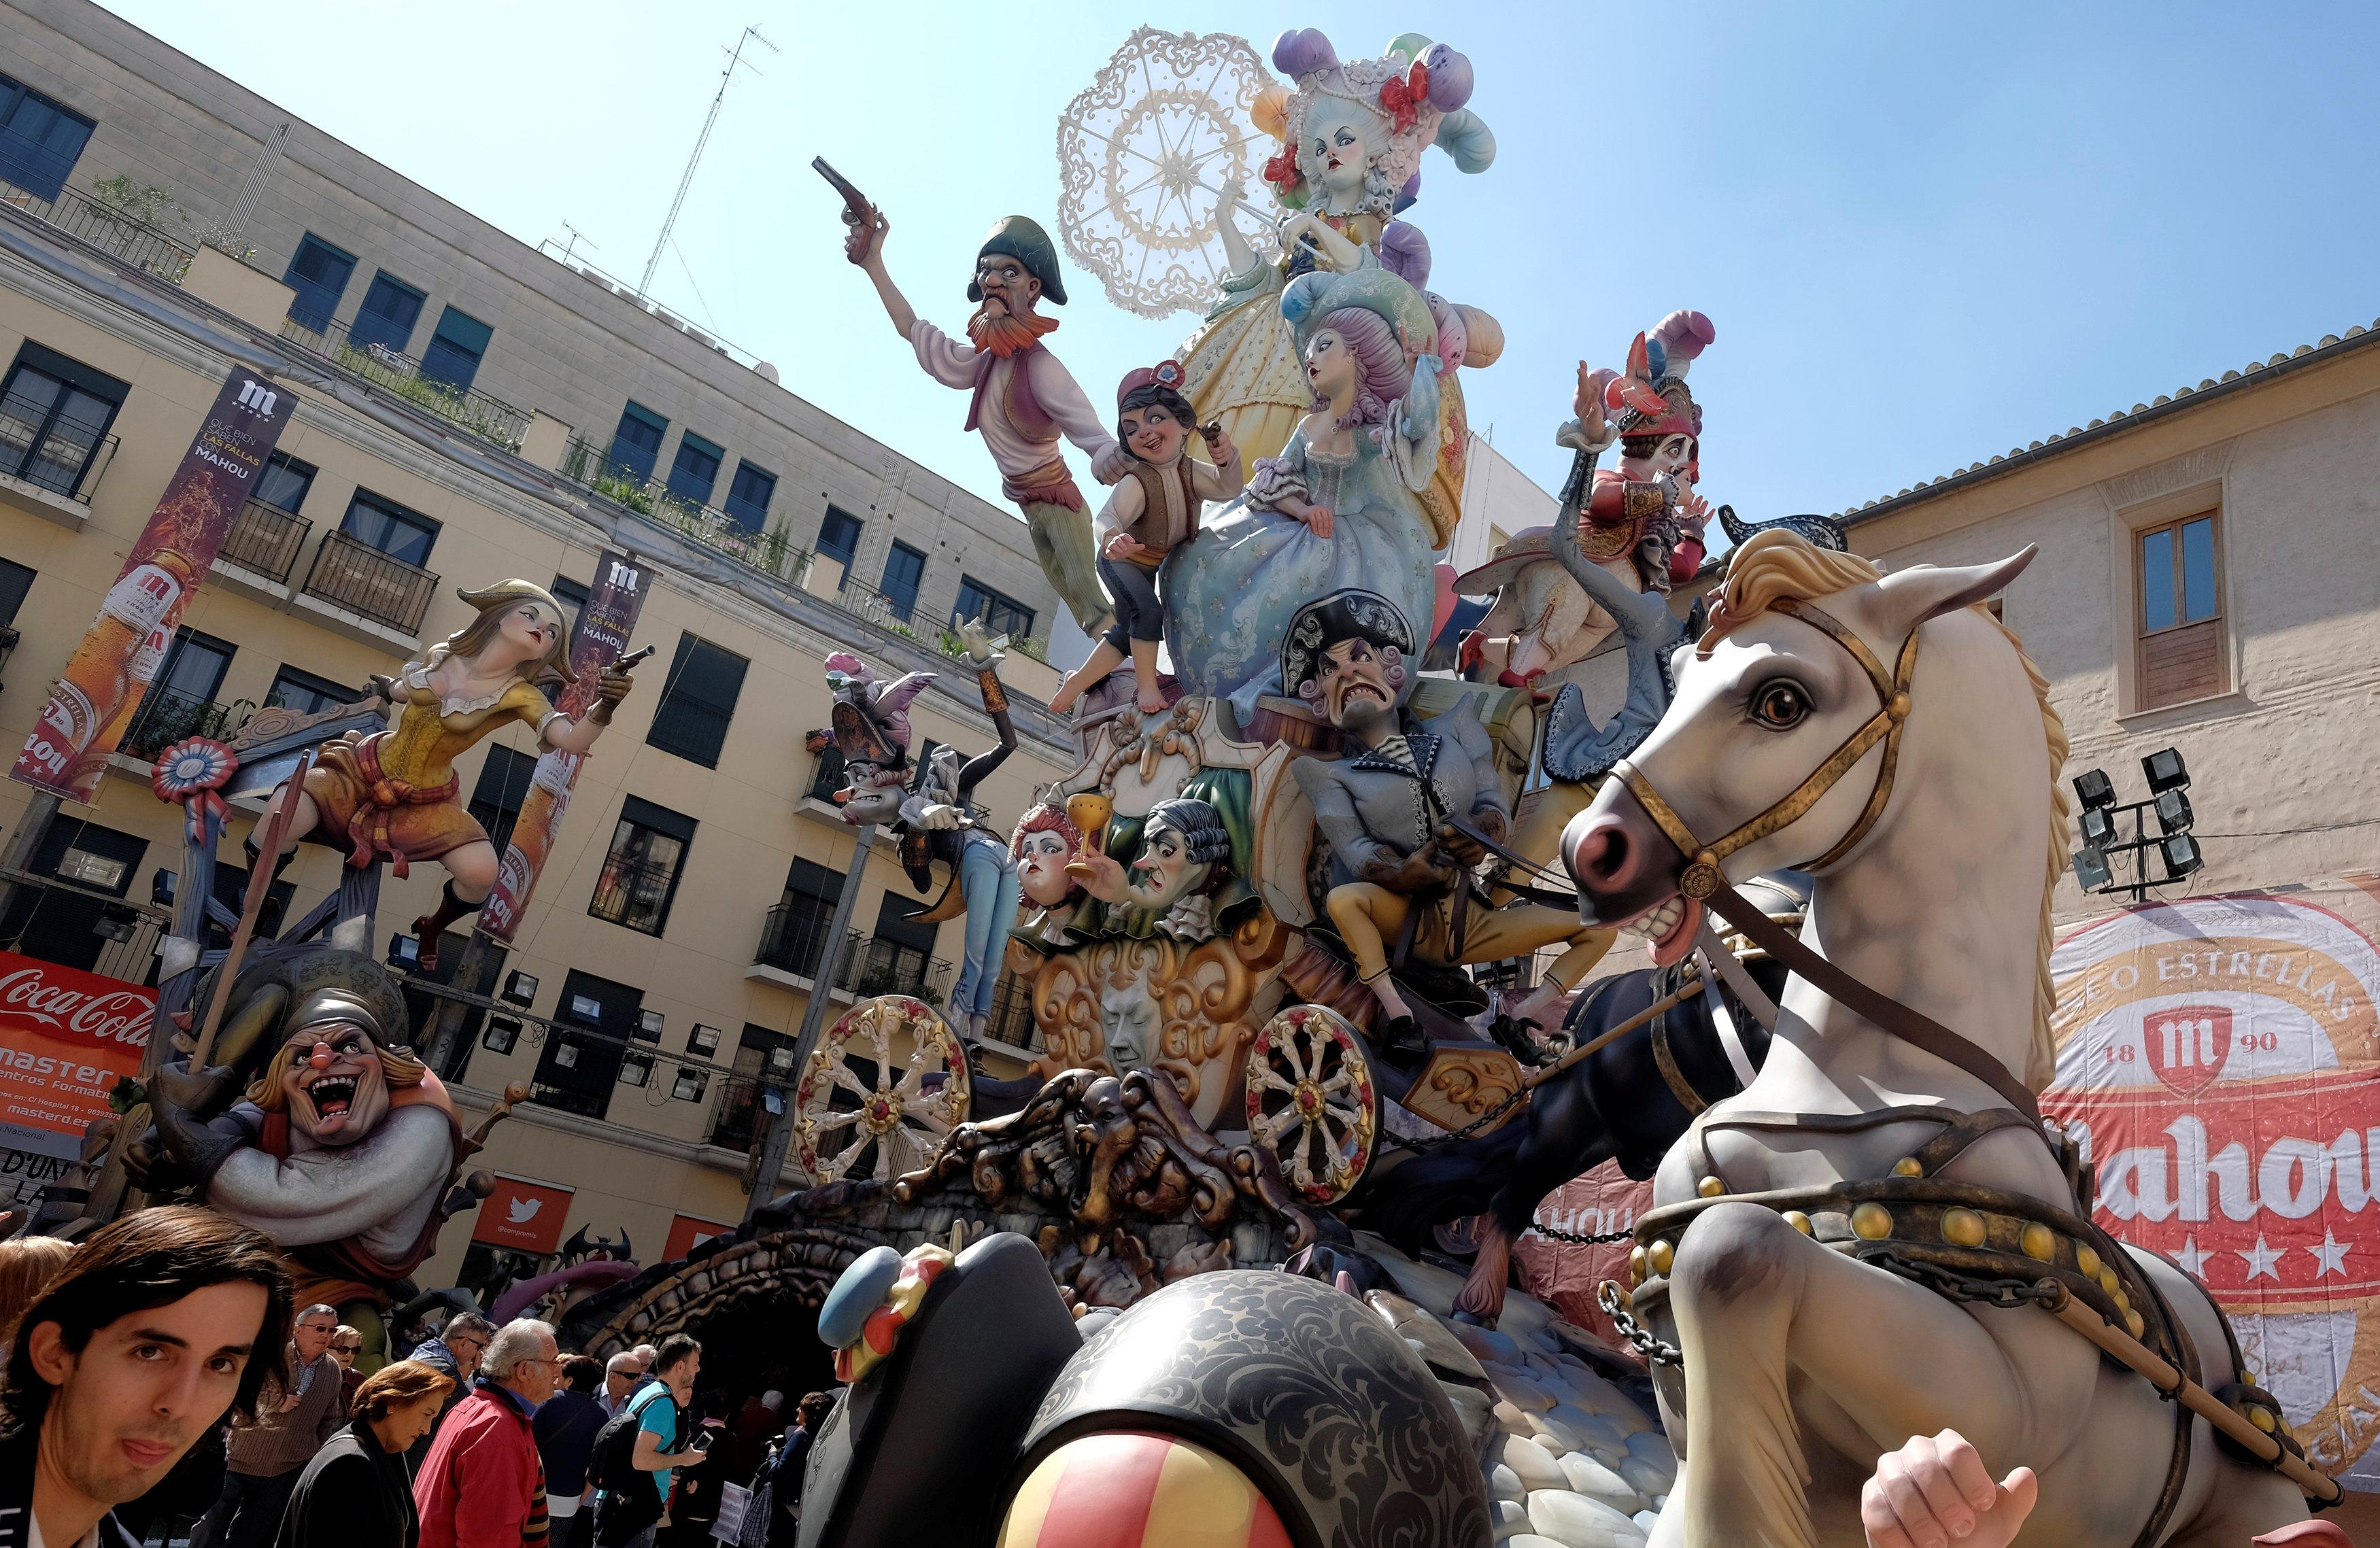 تماثيل فى اسبانيا احتفالات ببداية الربيع